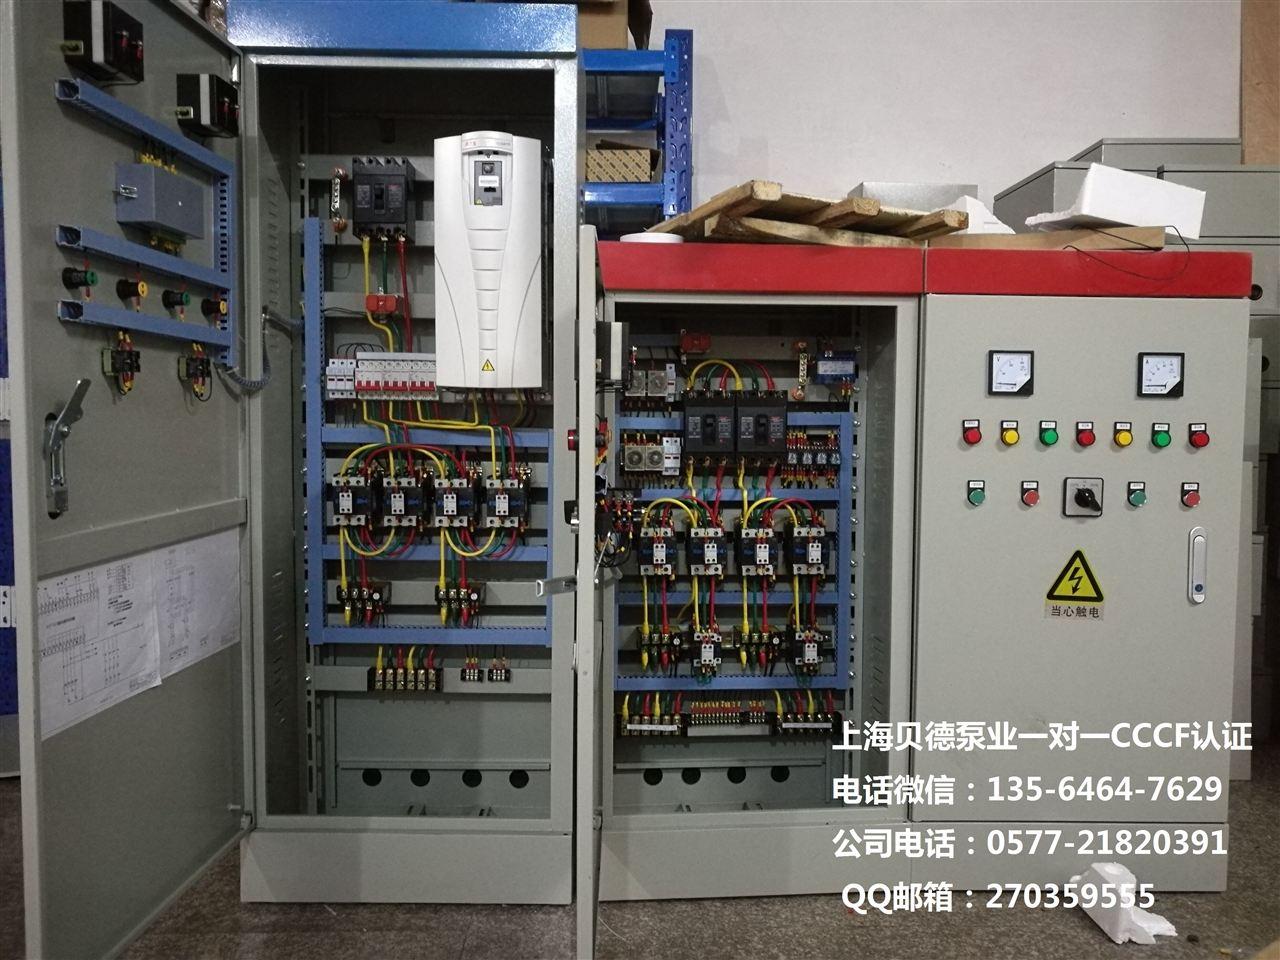 供应HJK-2XF-30KW消防泵控制柜直启/星三角/自耦降压/软启动/变频启动的详细描述 水泵控制柜主要适用于工农业生产及各类建筑给水、排水、消防、喷淋管网增压以及暖通空调冷热水循环等多种场合的水泵自动控制。 设备概述水泵控制柜具有过载、短路、缺相保护以及泵体漏水,电机超温及漏电等多种保护功能及齐全的状态显示,并具备单泵及多泵控制工作模式,多种主备泵切换方式及各类起动方式。可广泛适用于工农业生产及各类建筑的给水、排水、消防、喷淋管网增压以及暖通空调冷热水循环等多种场合的水泵自动控制。典型应用:恒压供水、